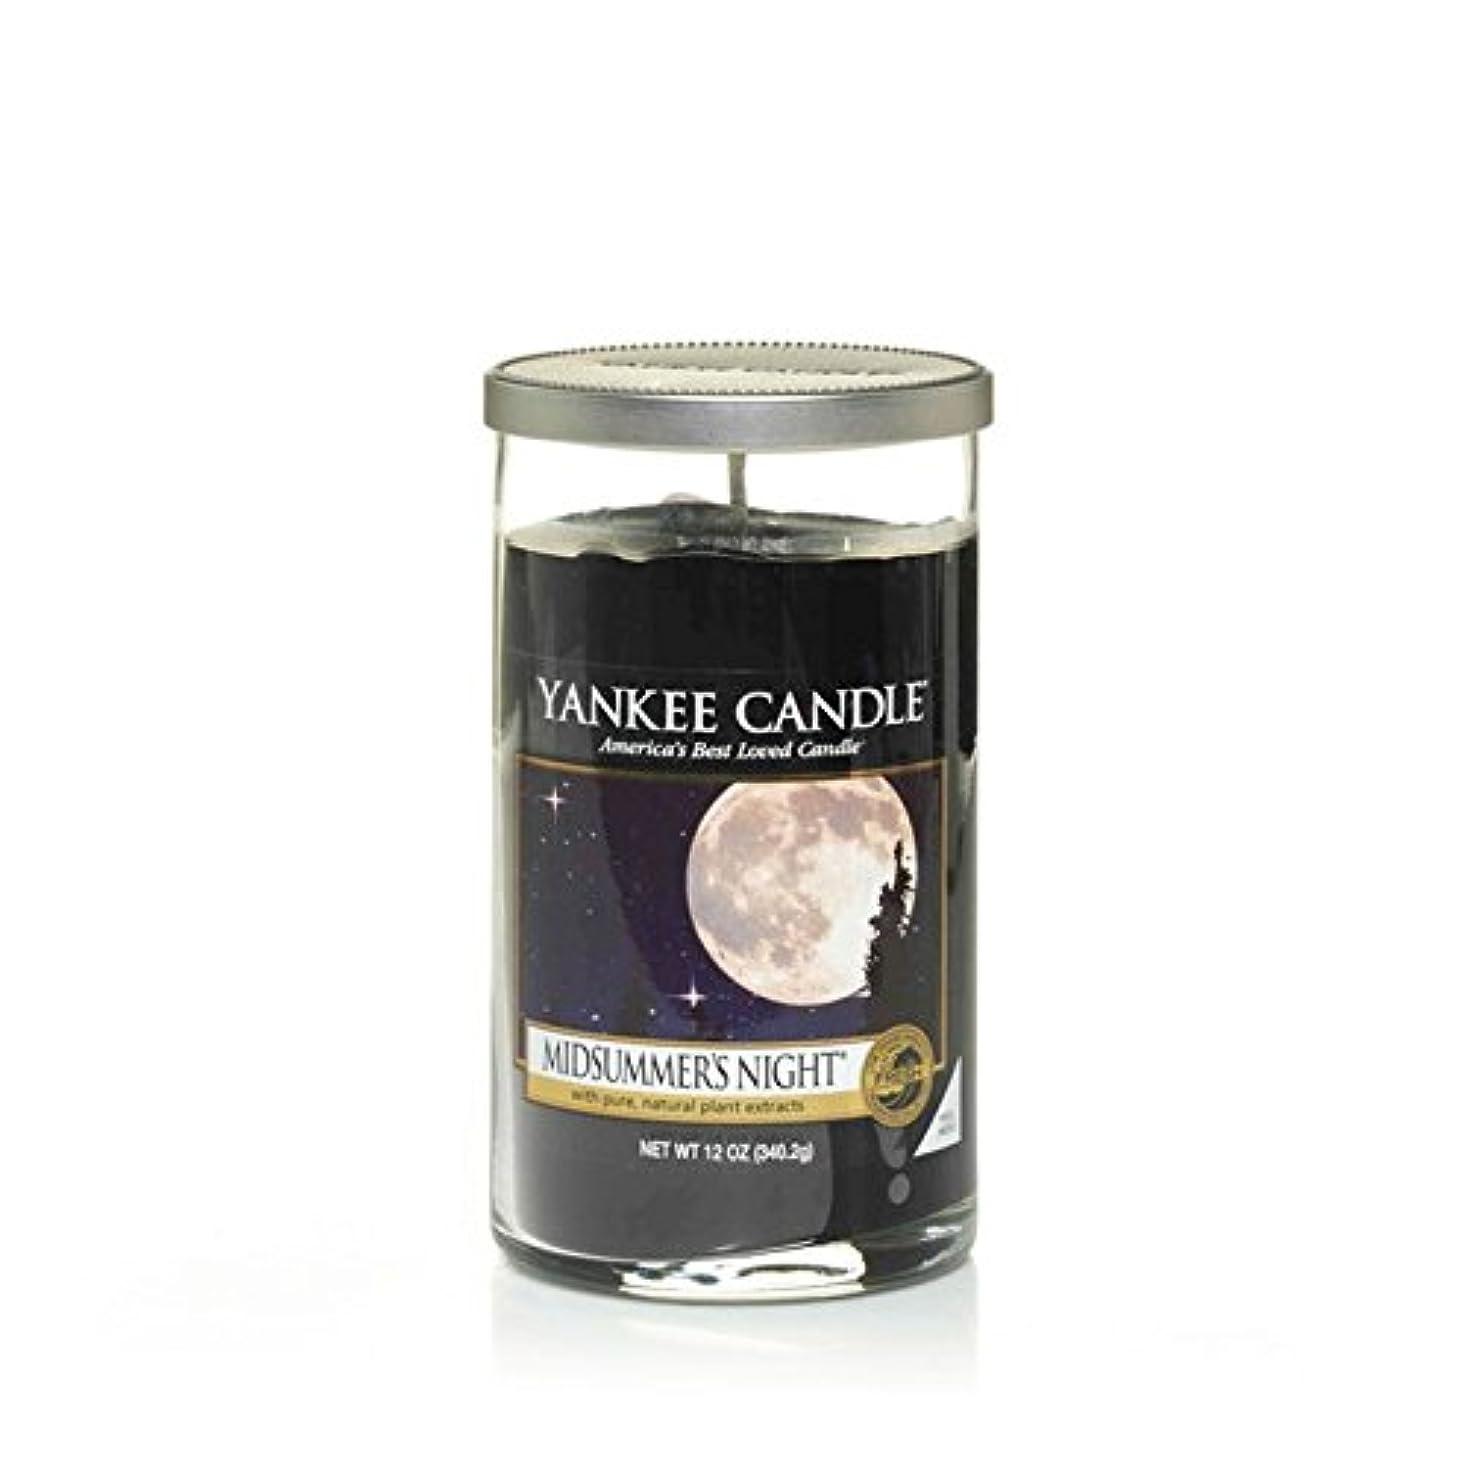 流体戦術熱ヤンキーキャンドルメディアピラーキャンドル - Midsummersの夜 - Yankee Candles Medium Pillar Candle - Midsummers Night (Yankee Candles) [並行輸入品]